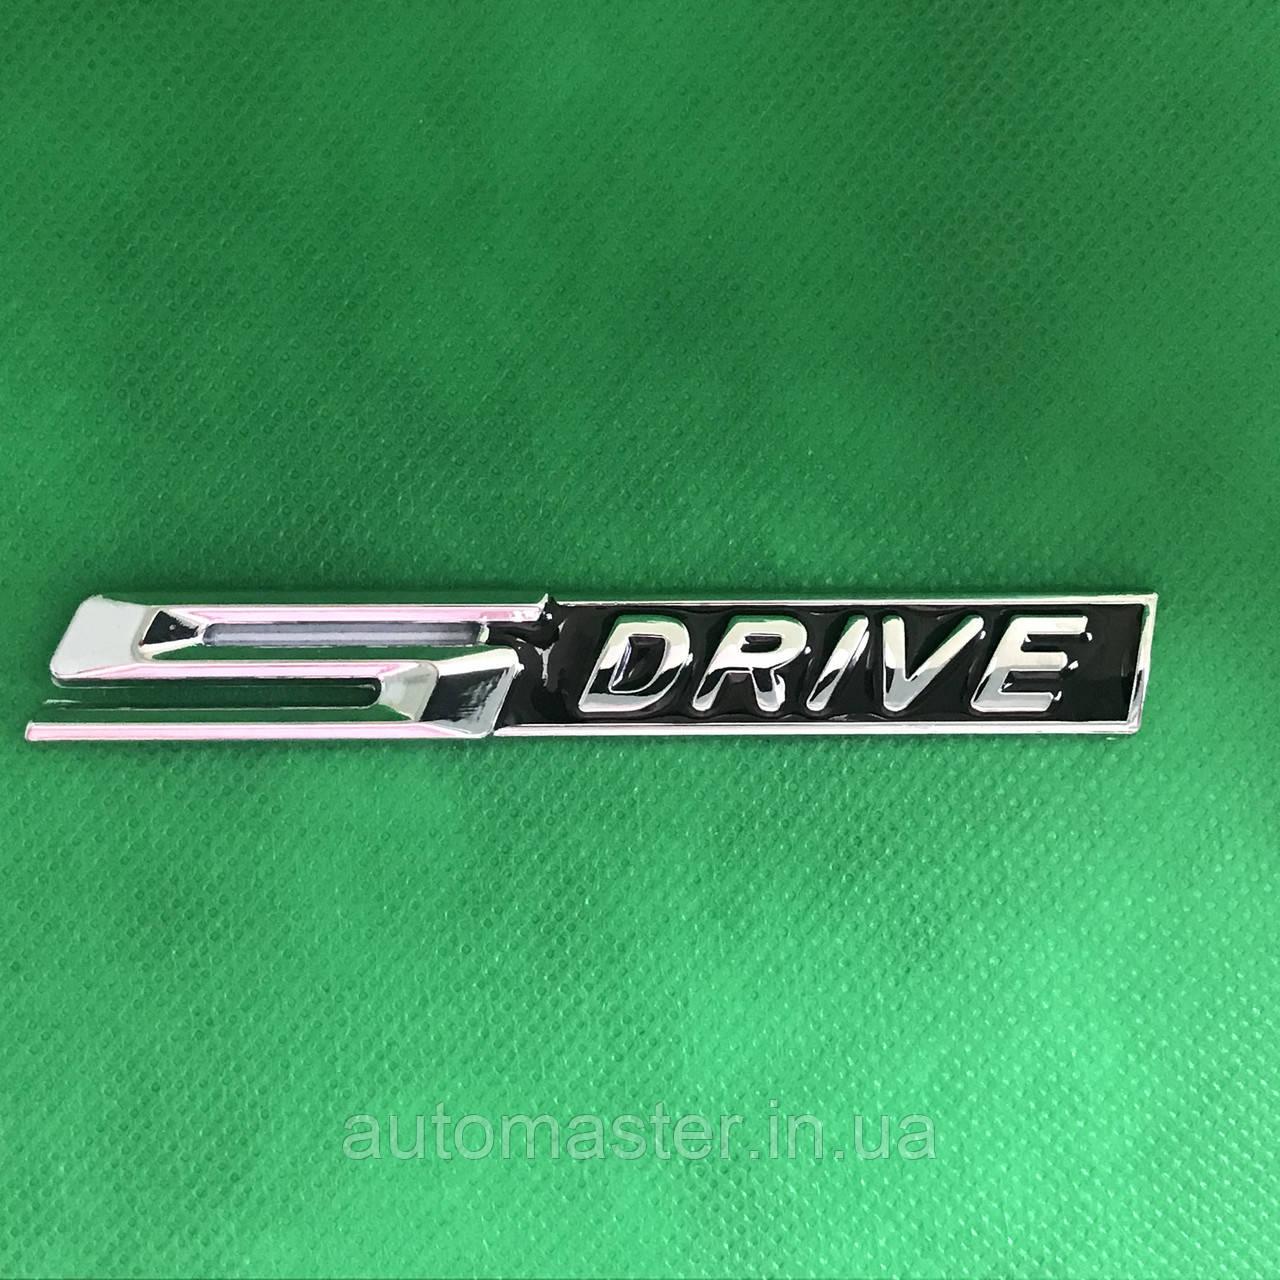 Емблема значок логотип BMW / БМВ S drive